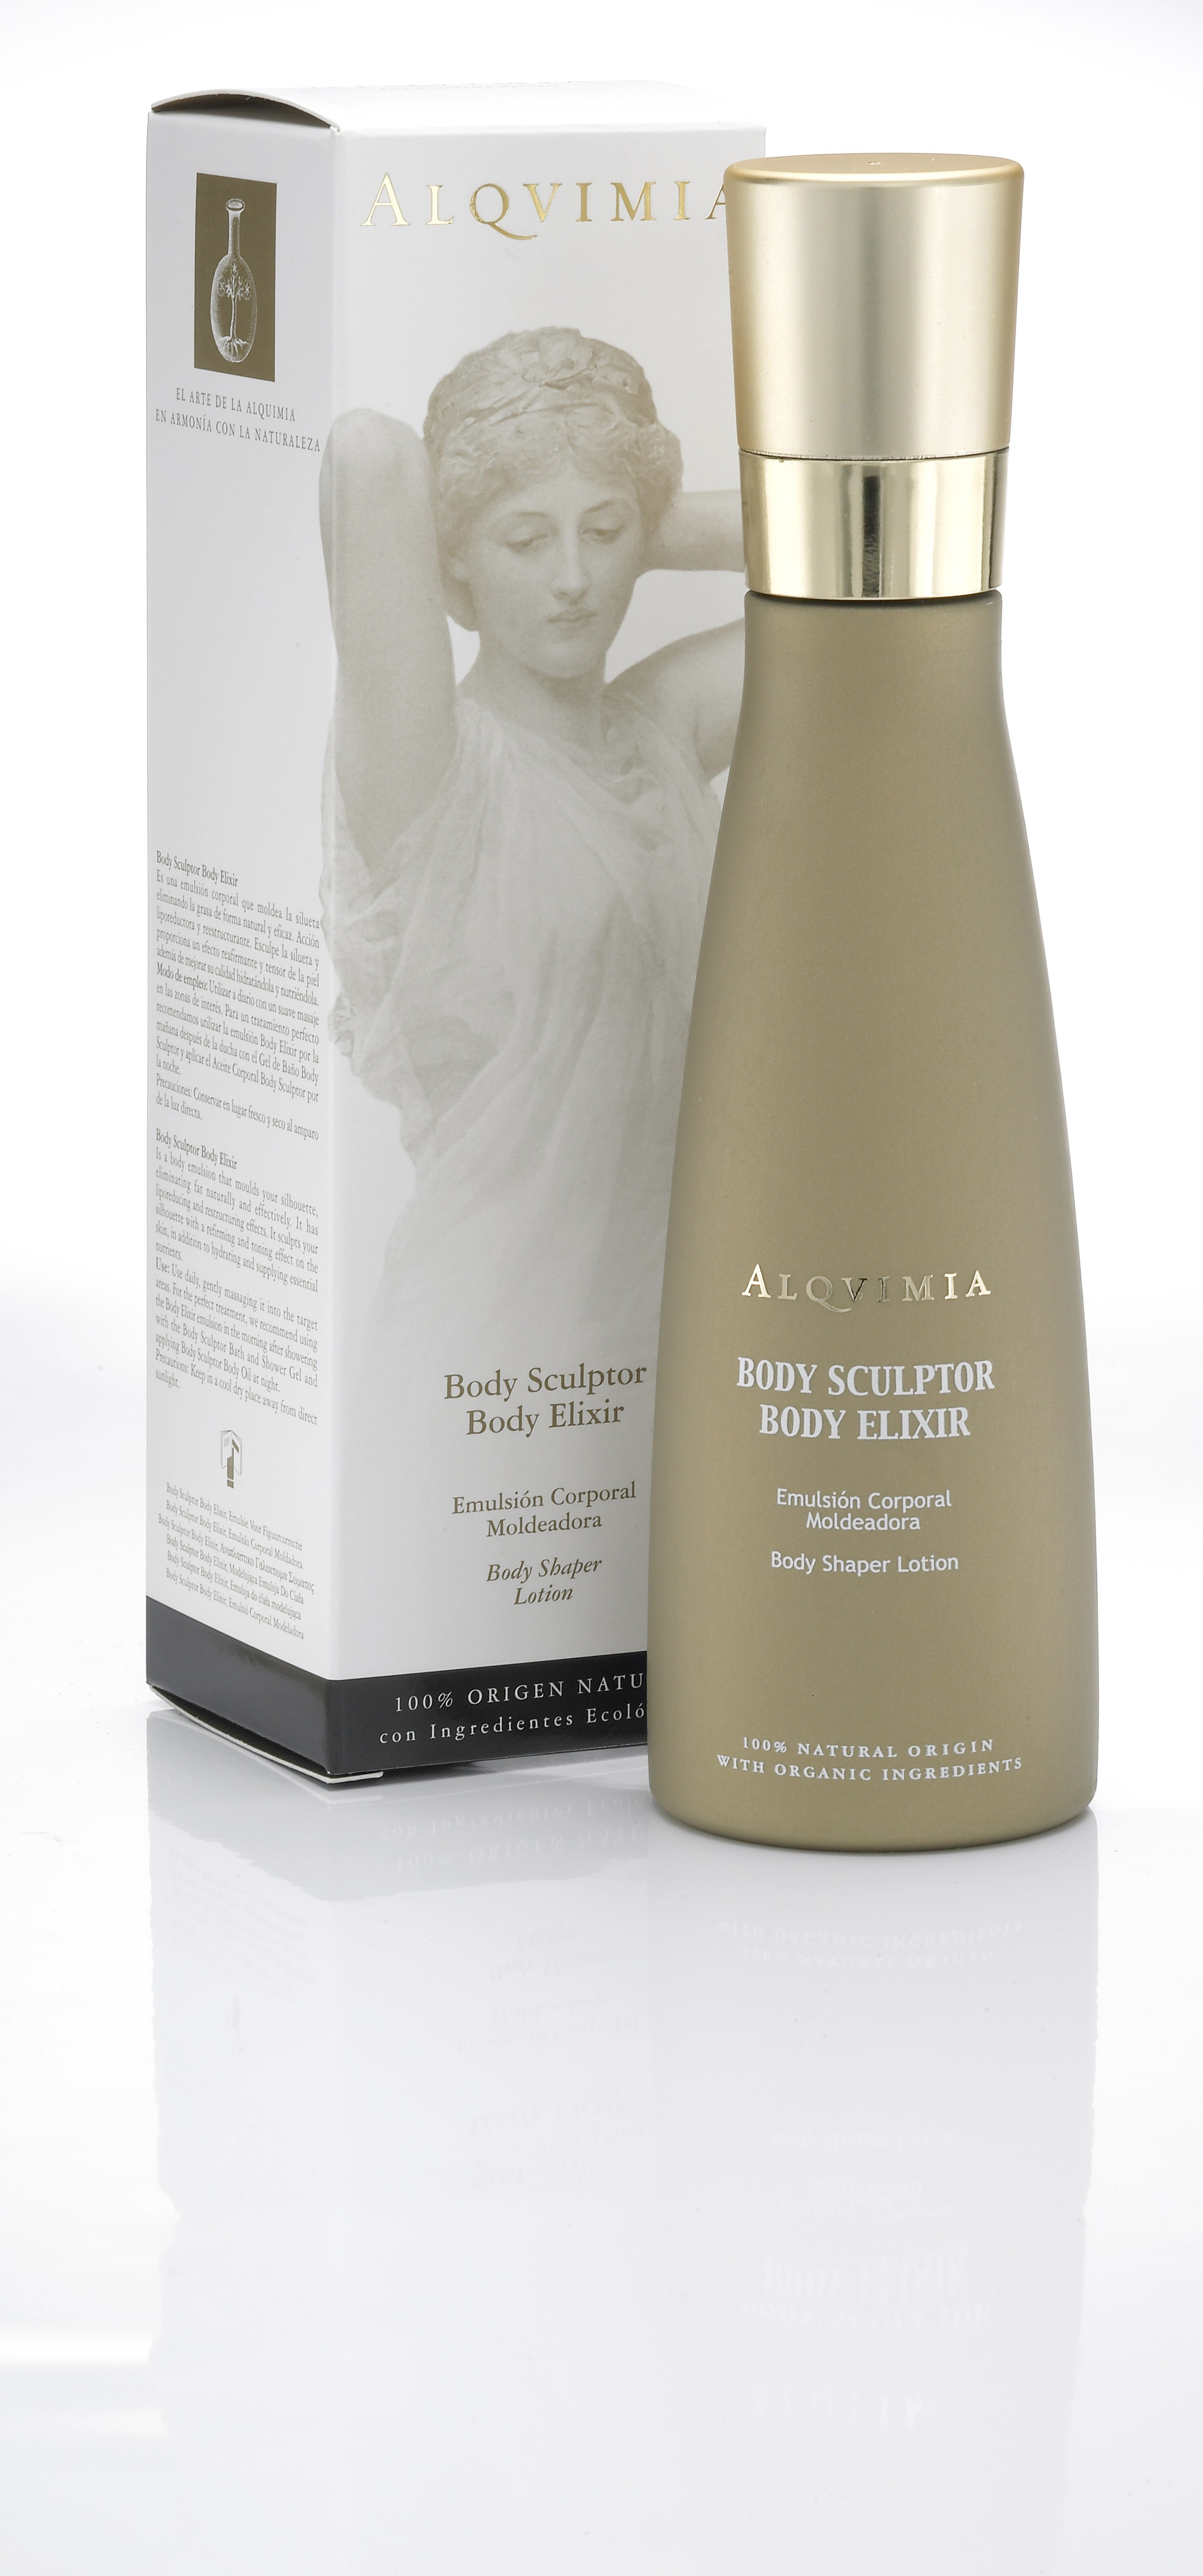 Alqvimia Body Sculptor Body Elixer 200 ml